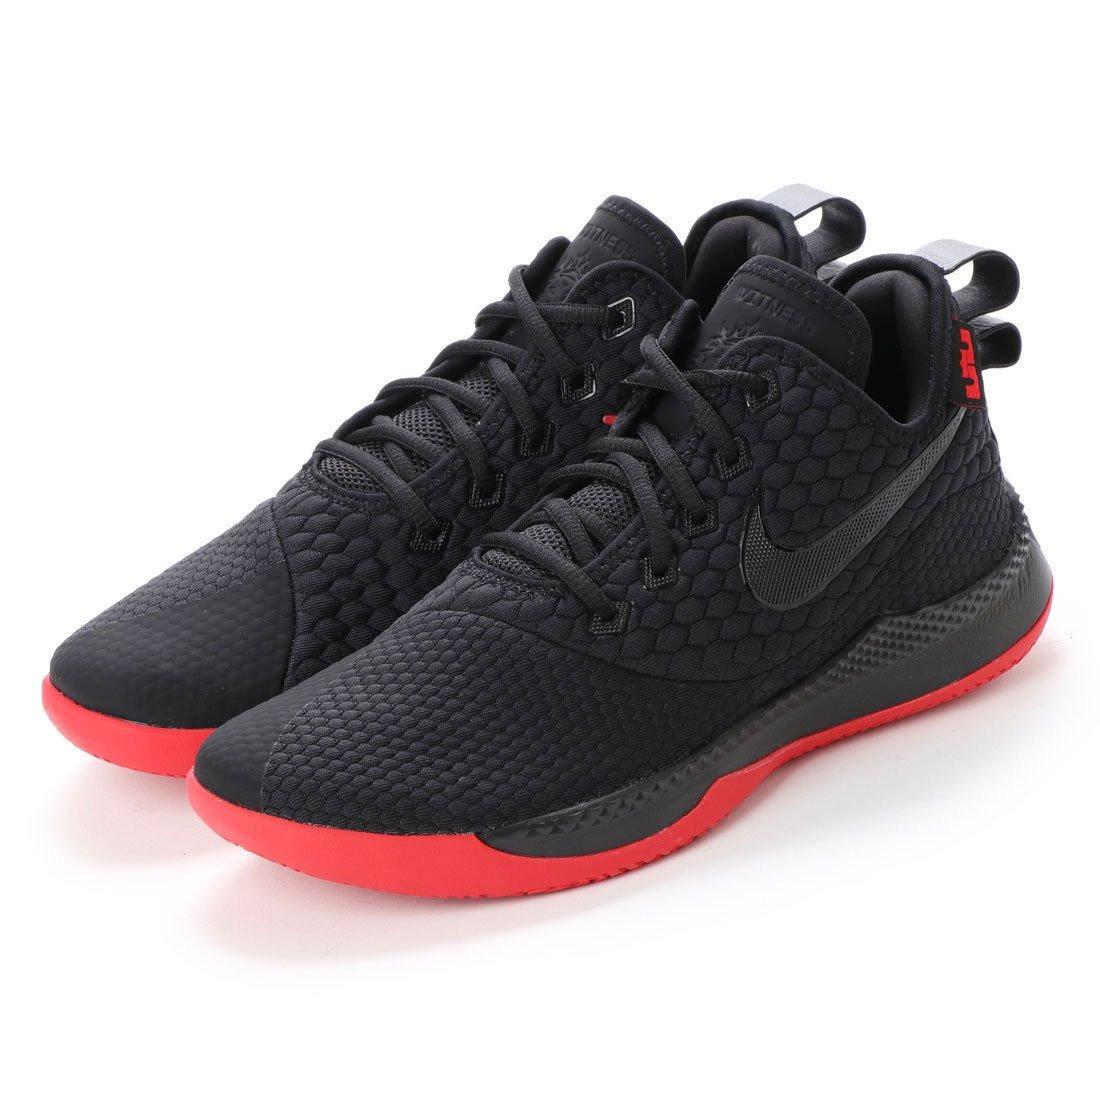 Zapatillas Nike Lebron Witness III en negro y rojo